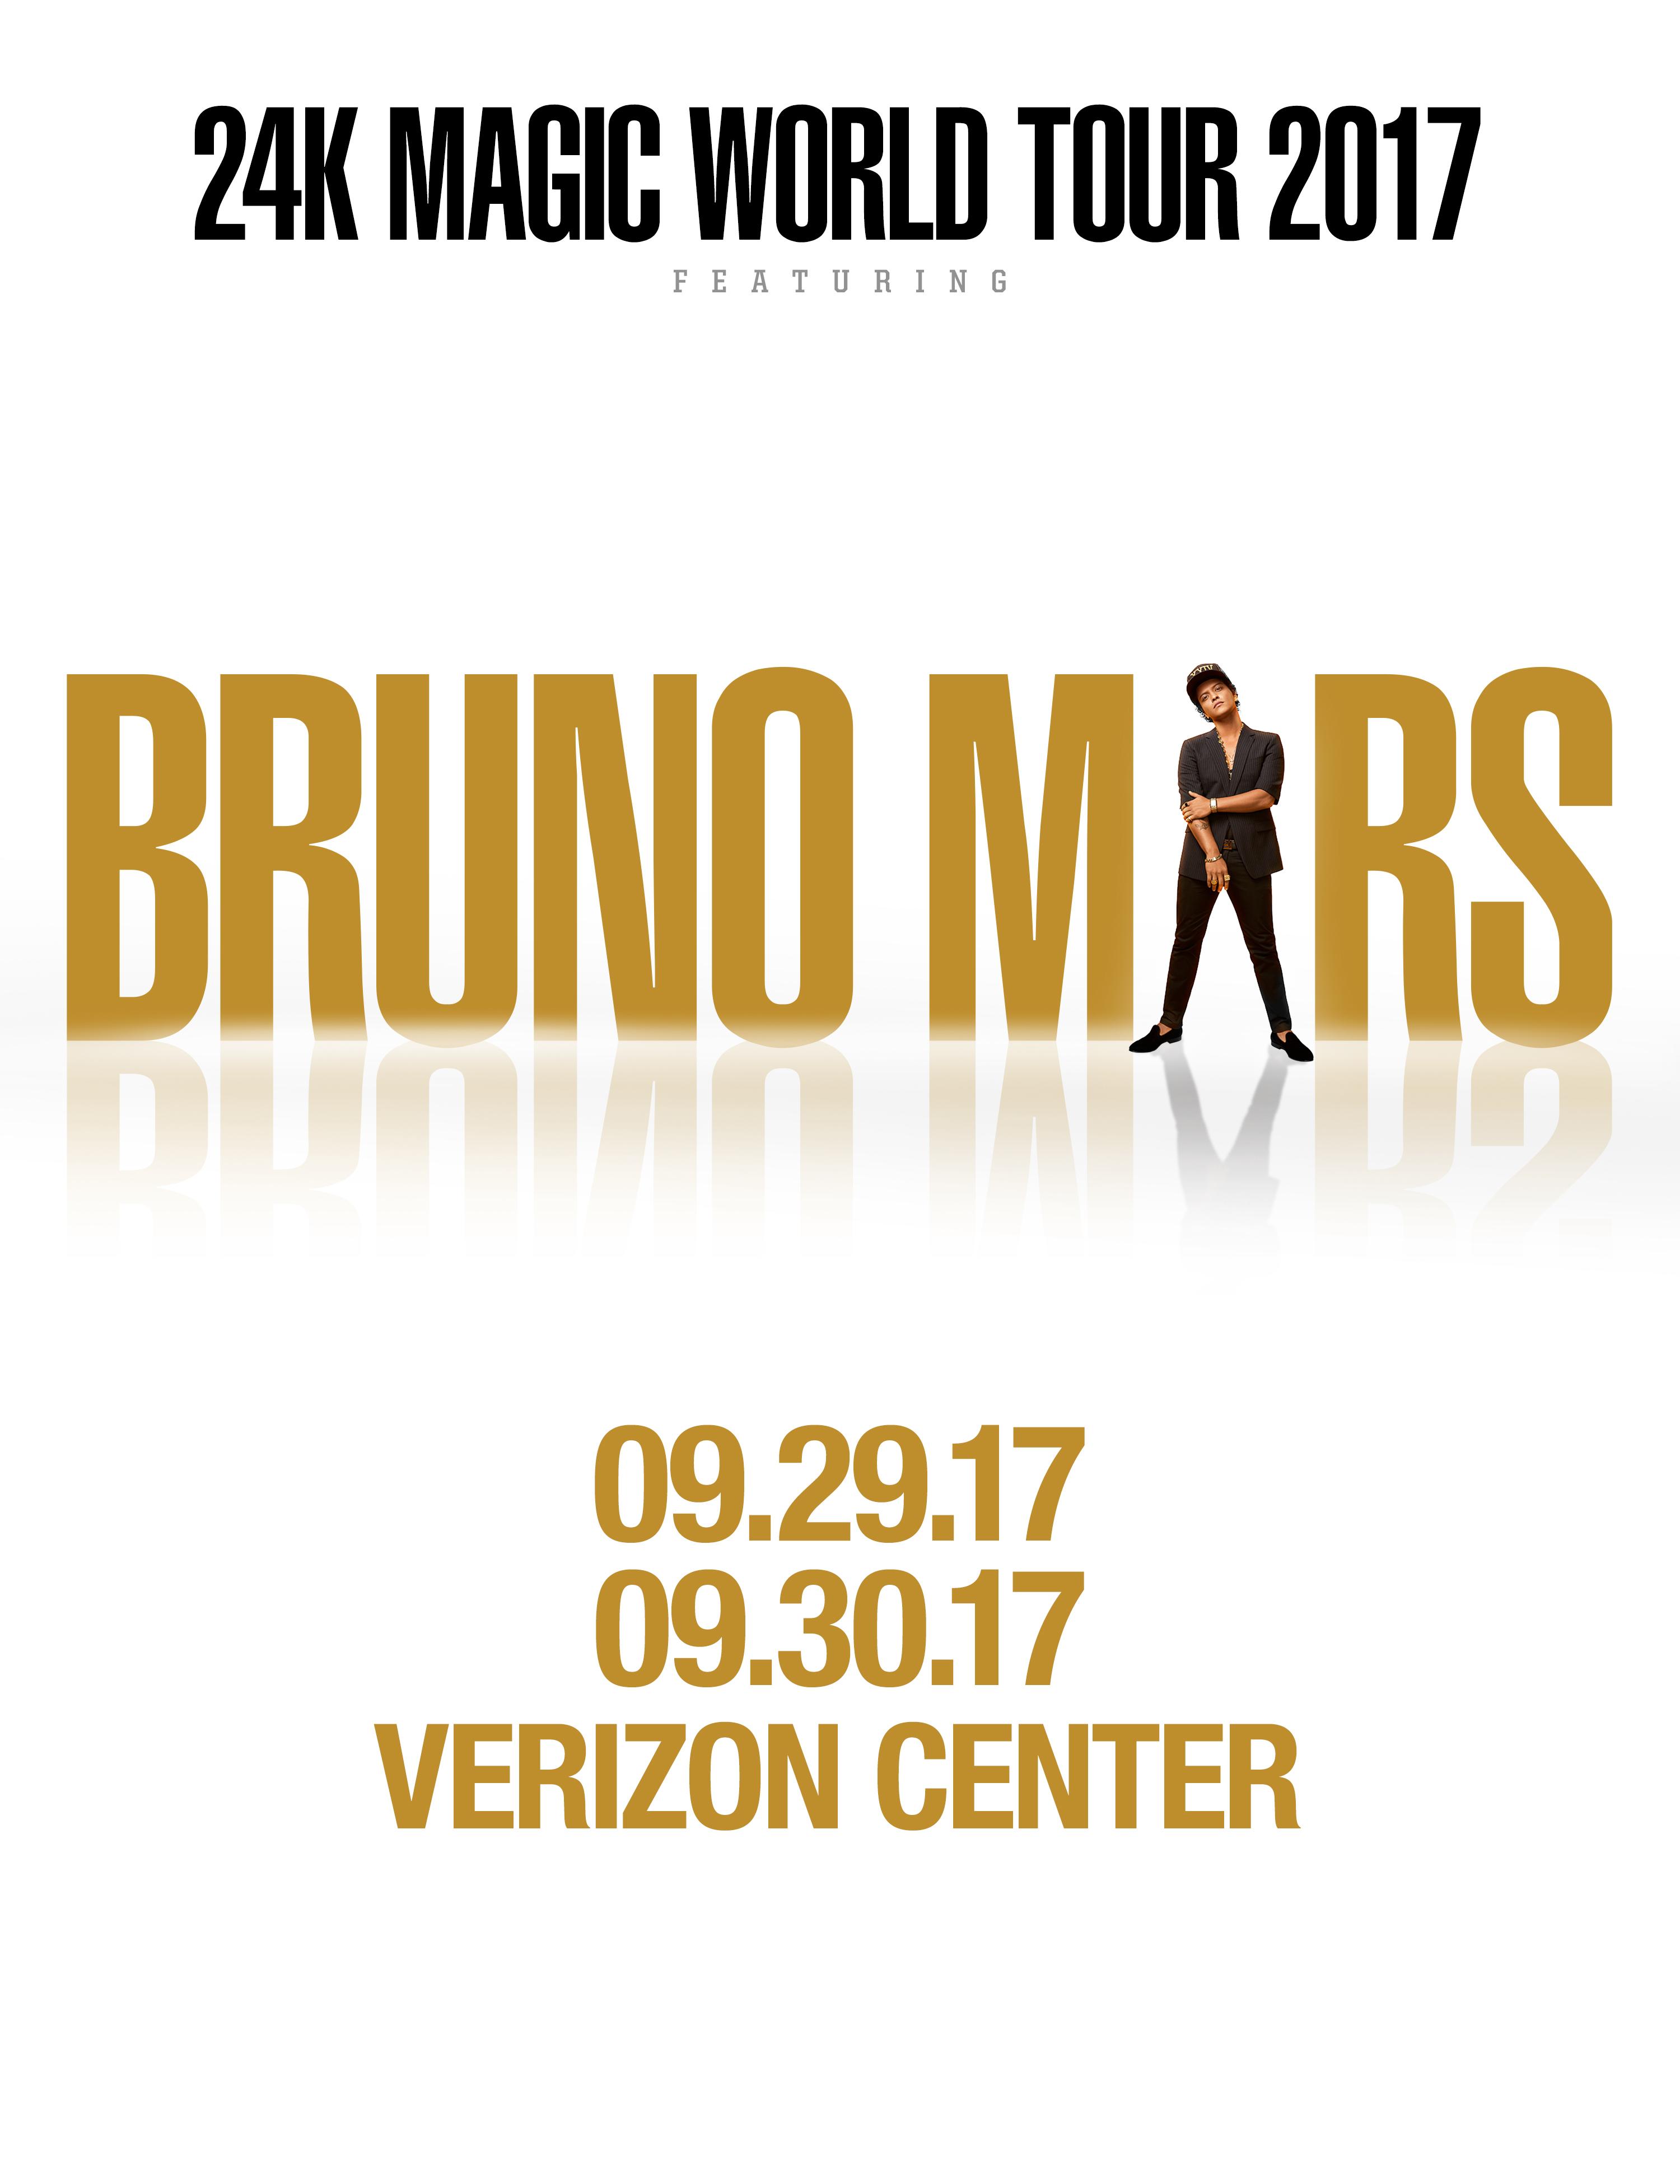 Bruno Mars 24K Magic World Tour Graphic